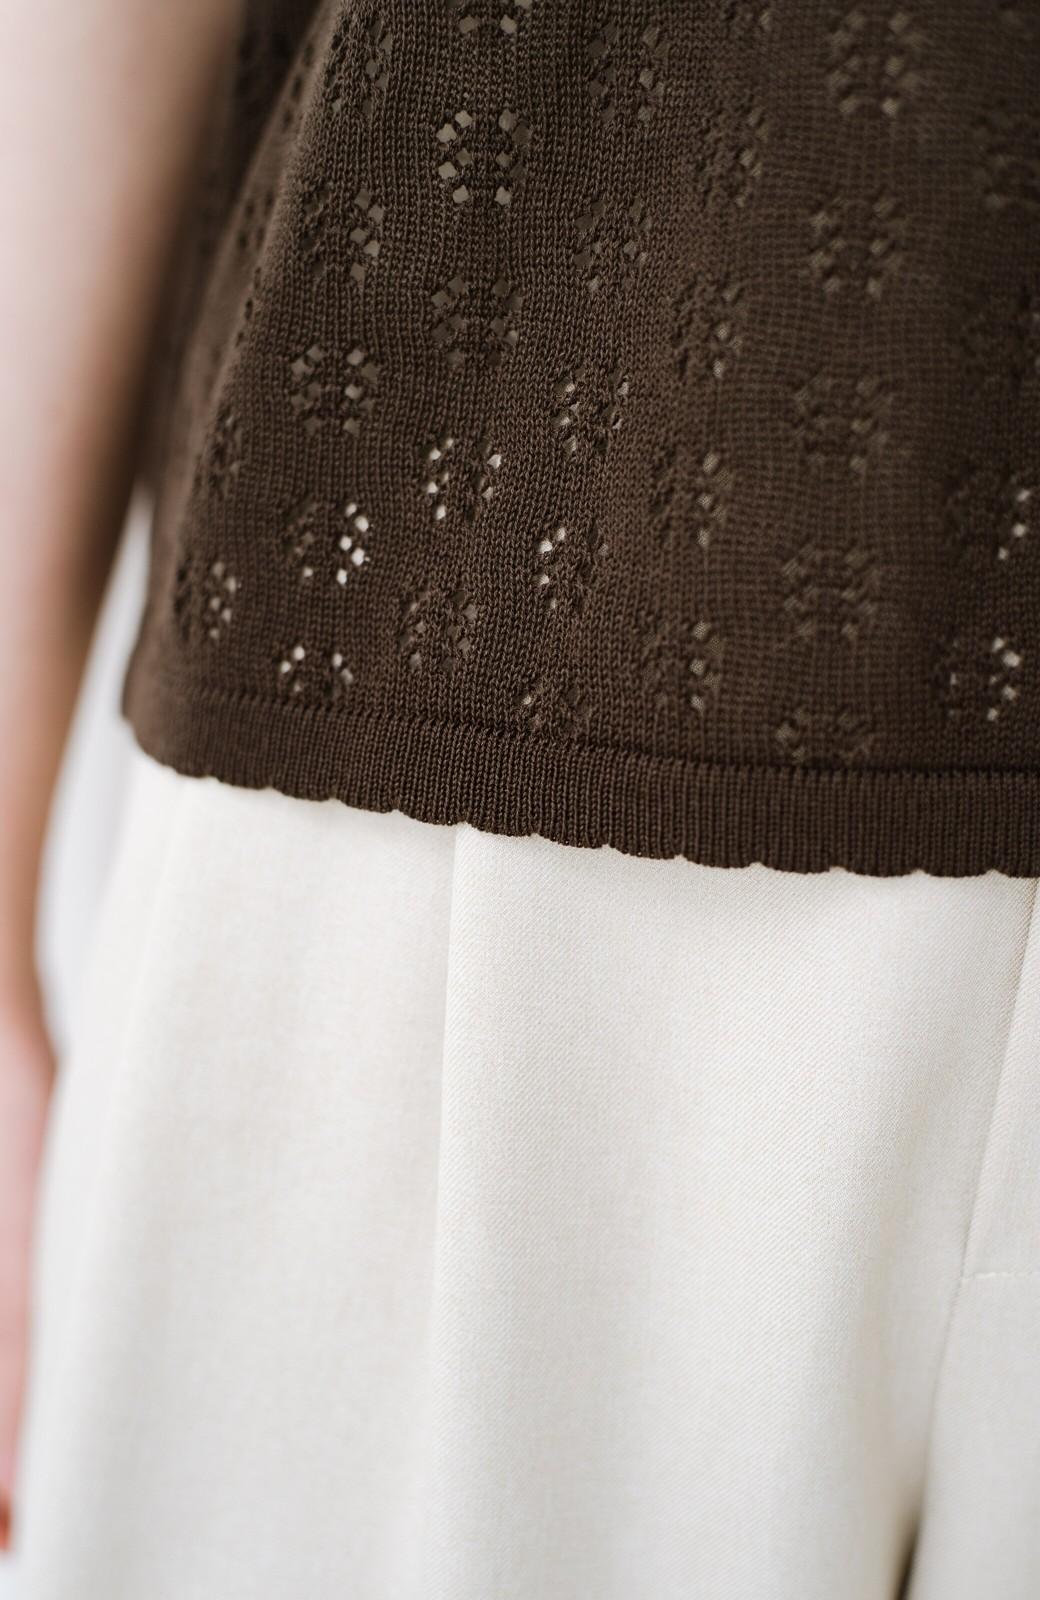 haco! 1枚でも重ね着にも便利なヘビロテしたくなる透かし編みニットトップス <チョコ>の商品写真7